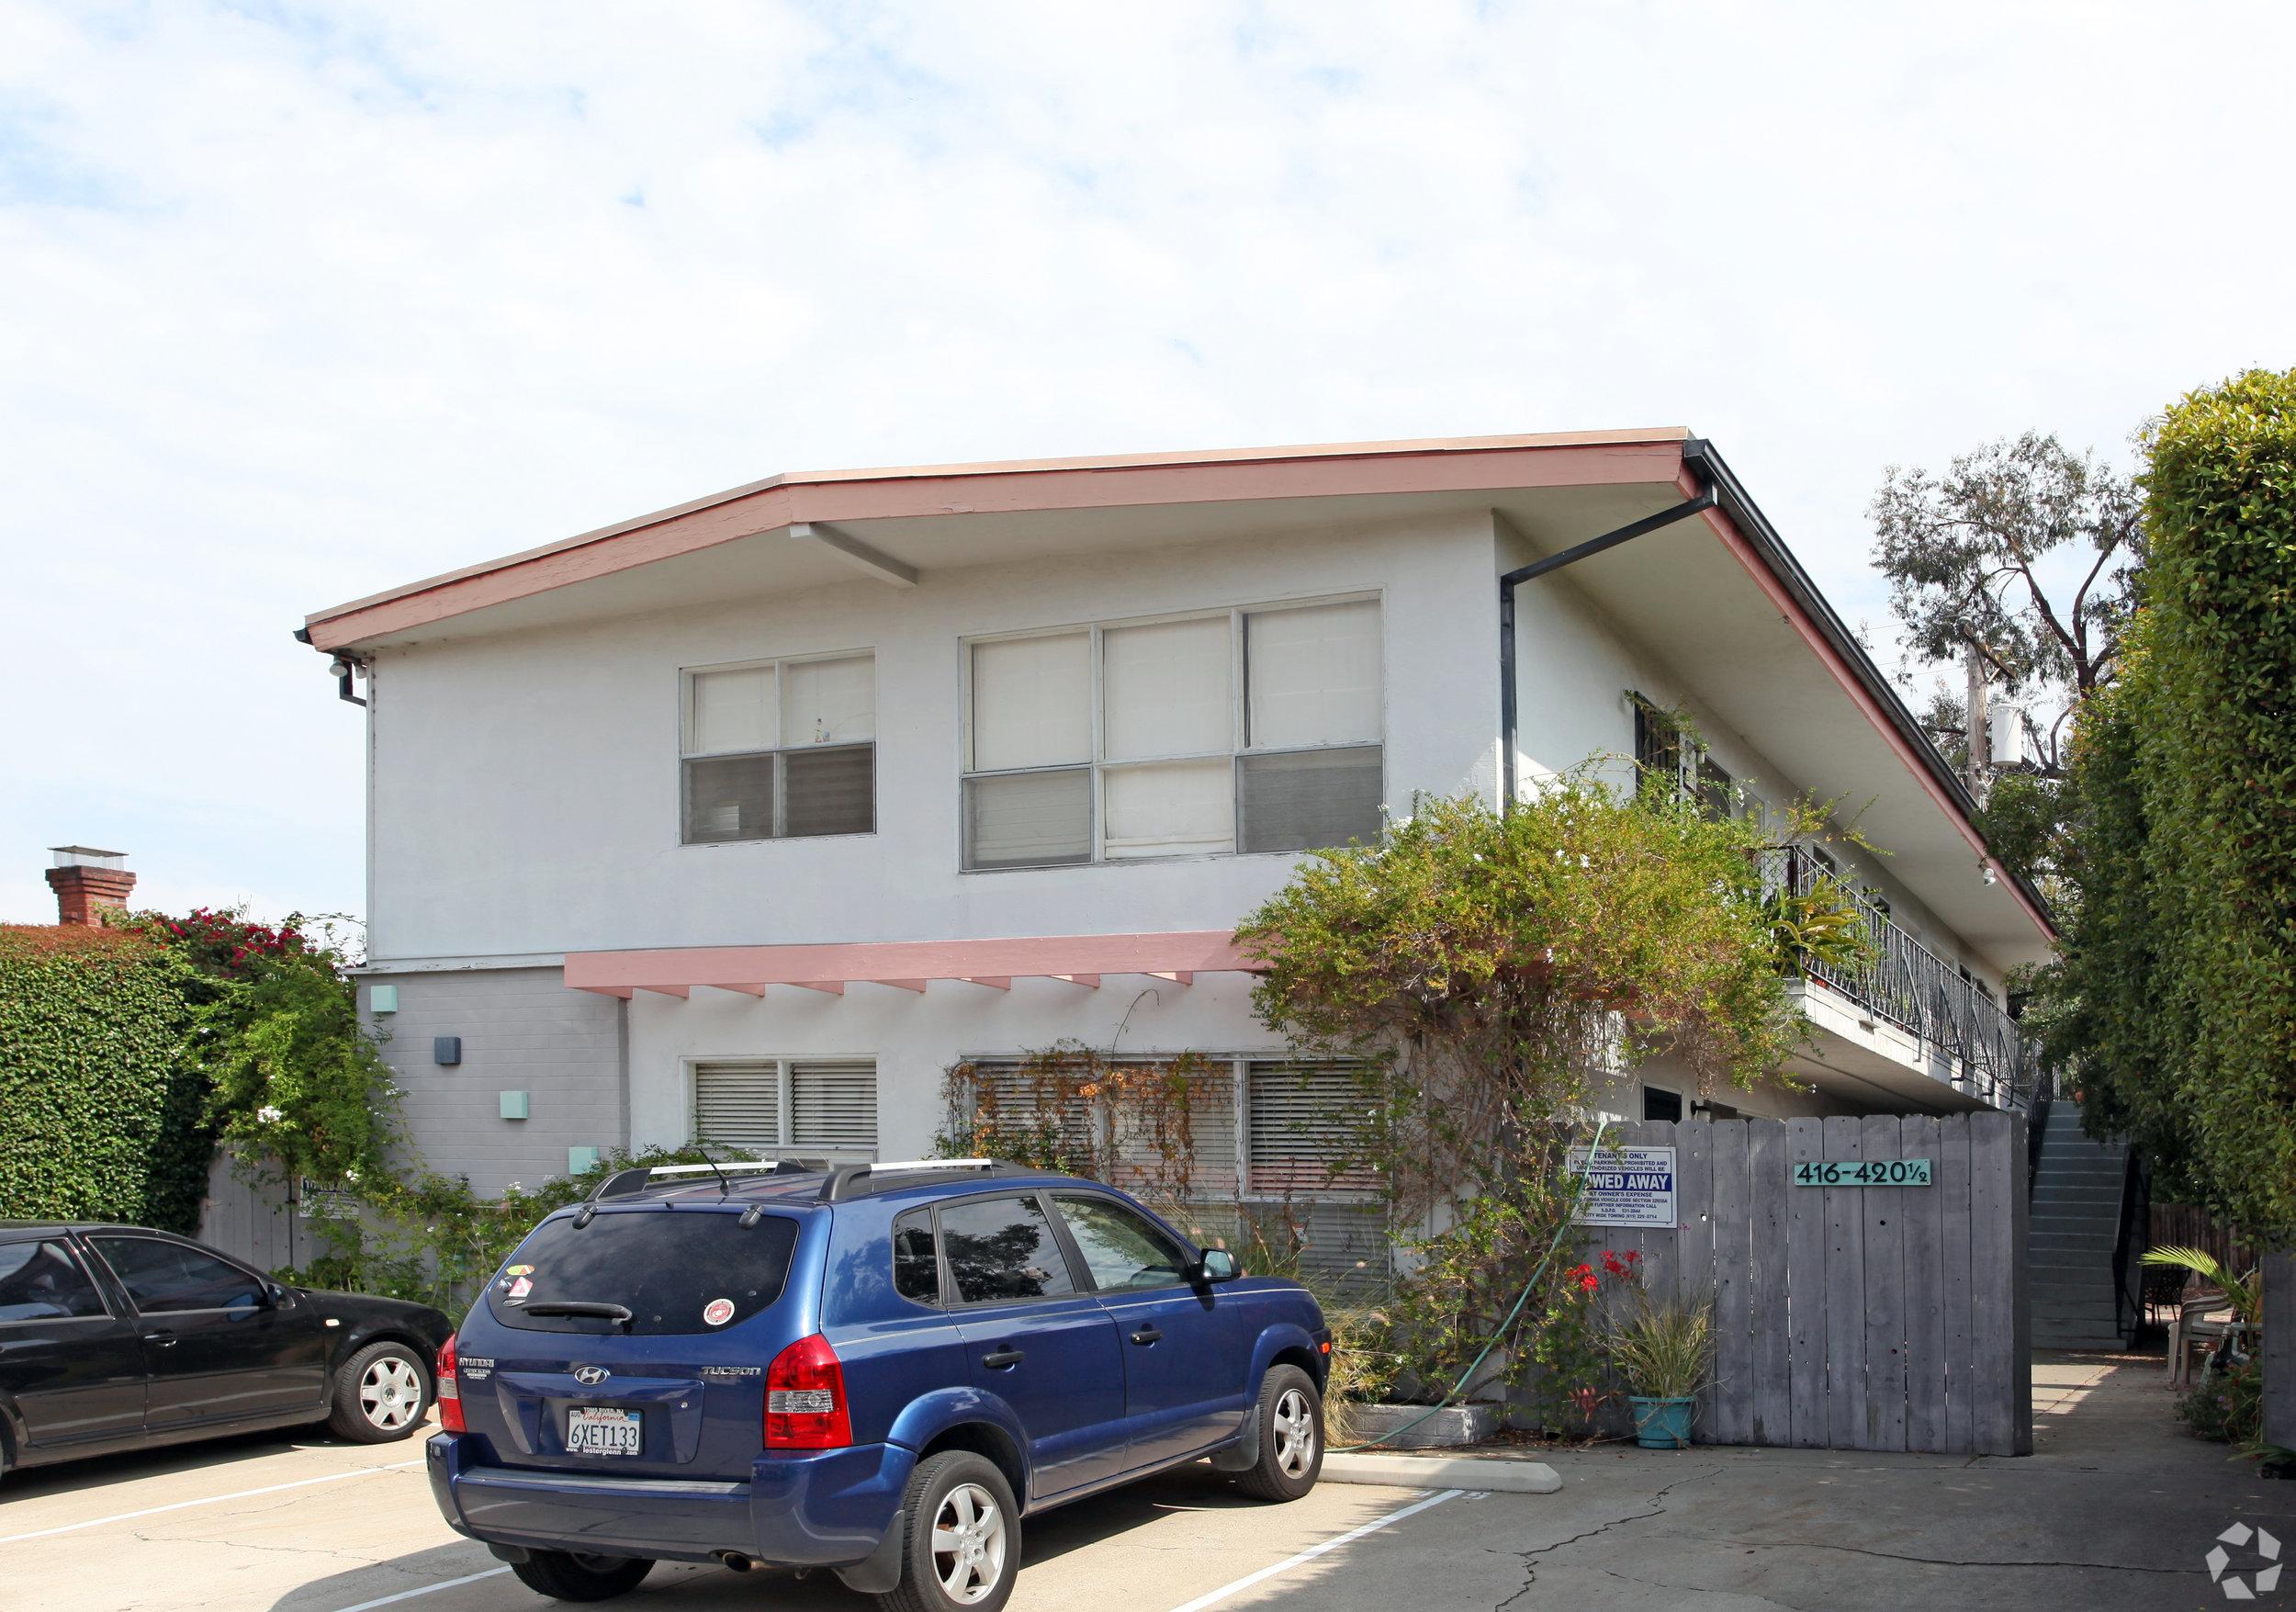 416 University Place - Hillcrest6 Units$1,675,000